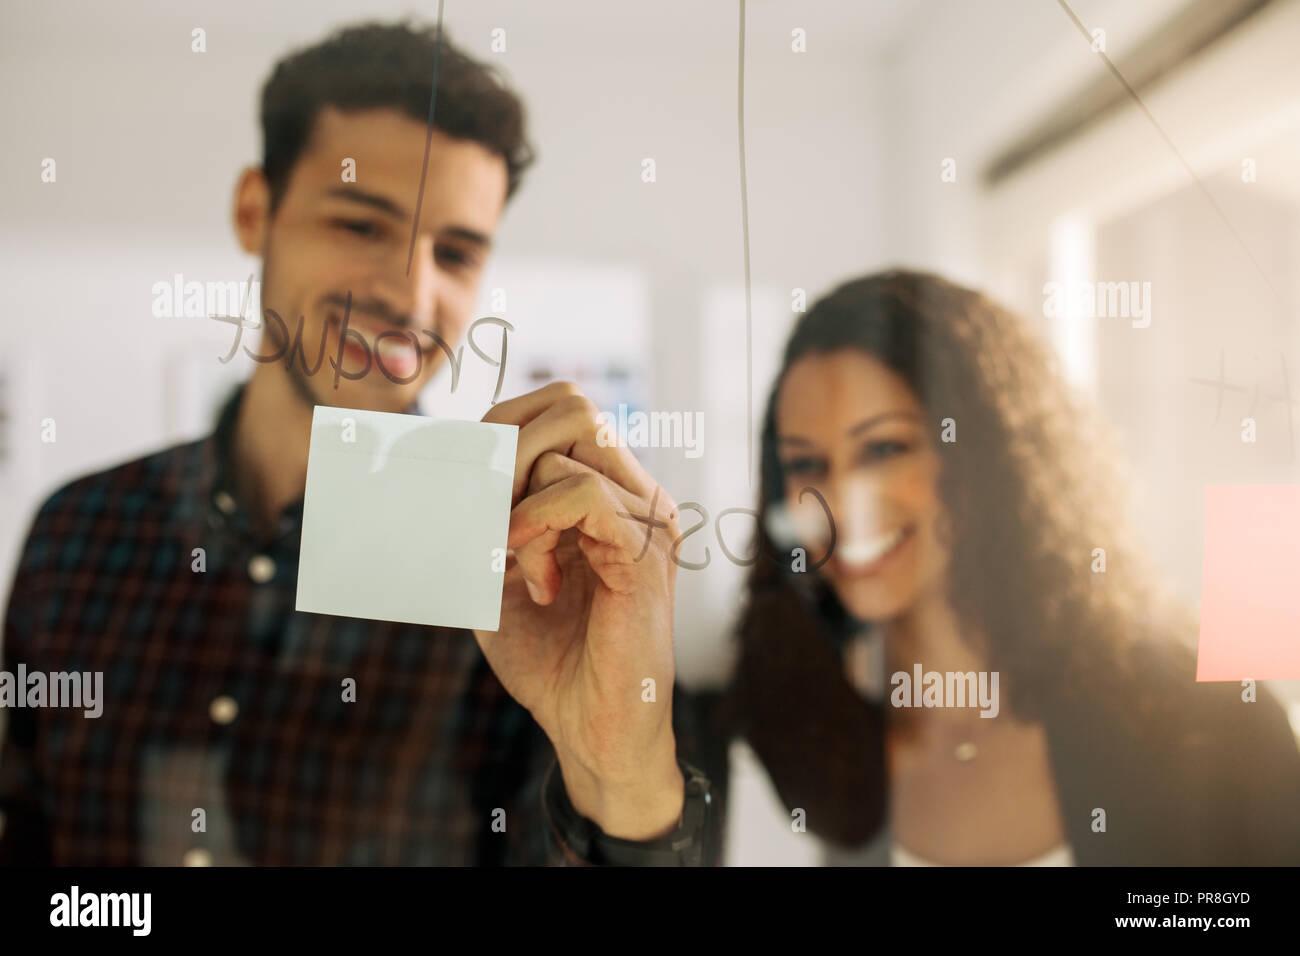 Business paar Schreiben auf Haftnotizen auf durchsichtigen Glaswand im Amt eingefügt. Büro Kollegen Diskussion von Ideen und Pläne auf einem TRANSPA Stockbild